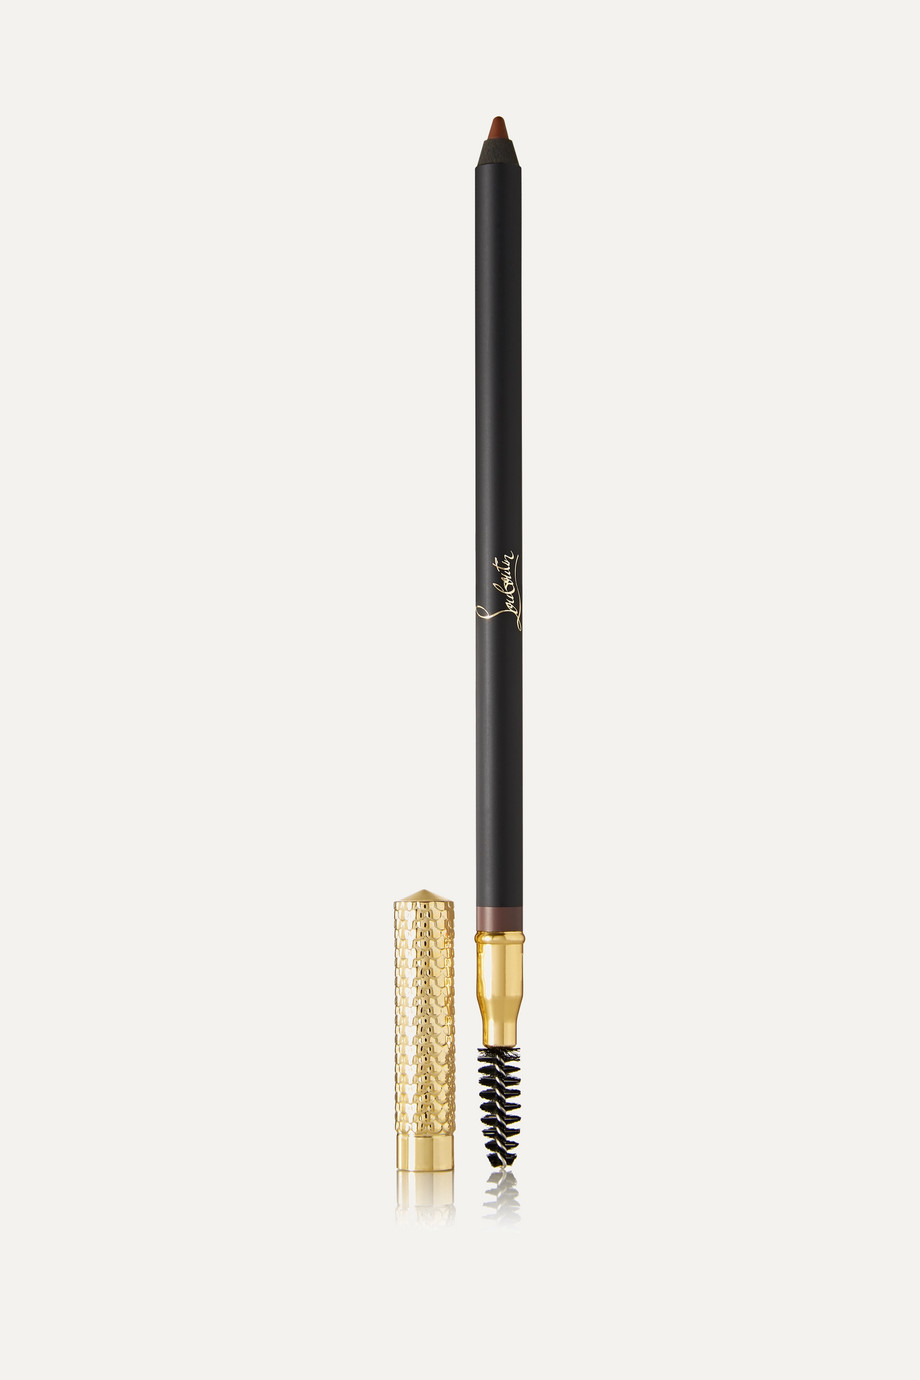 Christian Louboutin Beauty Crayon à sourcils Brow Definer, Brunette